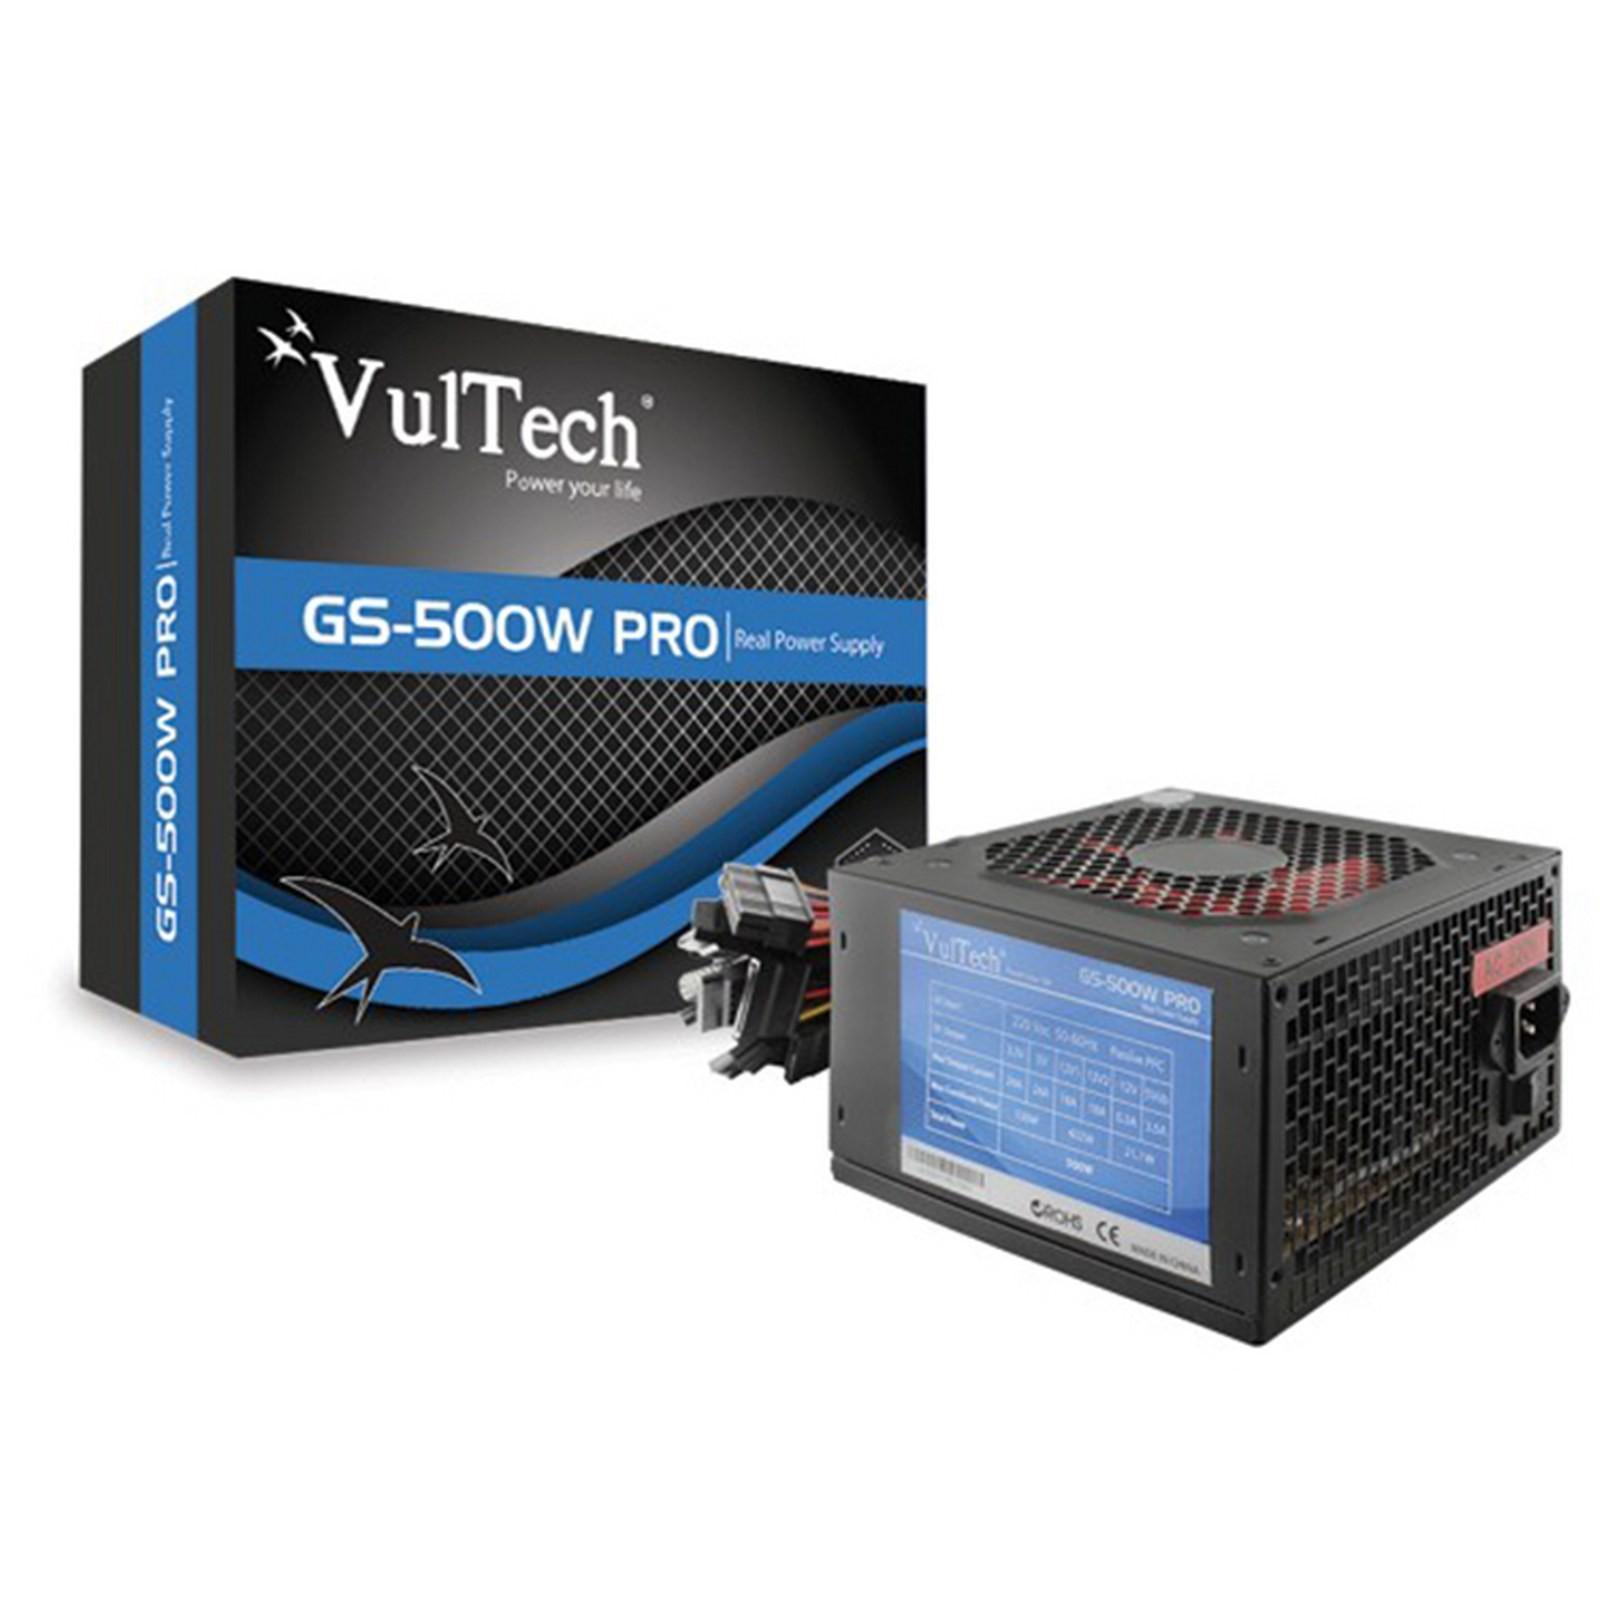 ALIMENTATORE ALIMENTAZIONE MODULARE ATX PER PC COMPUTER 500 WATT 500W VULTECH